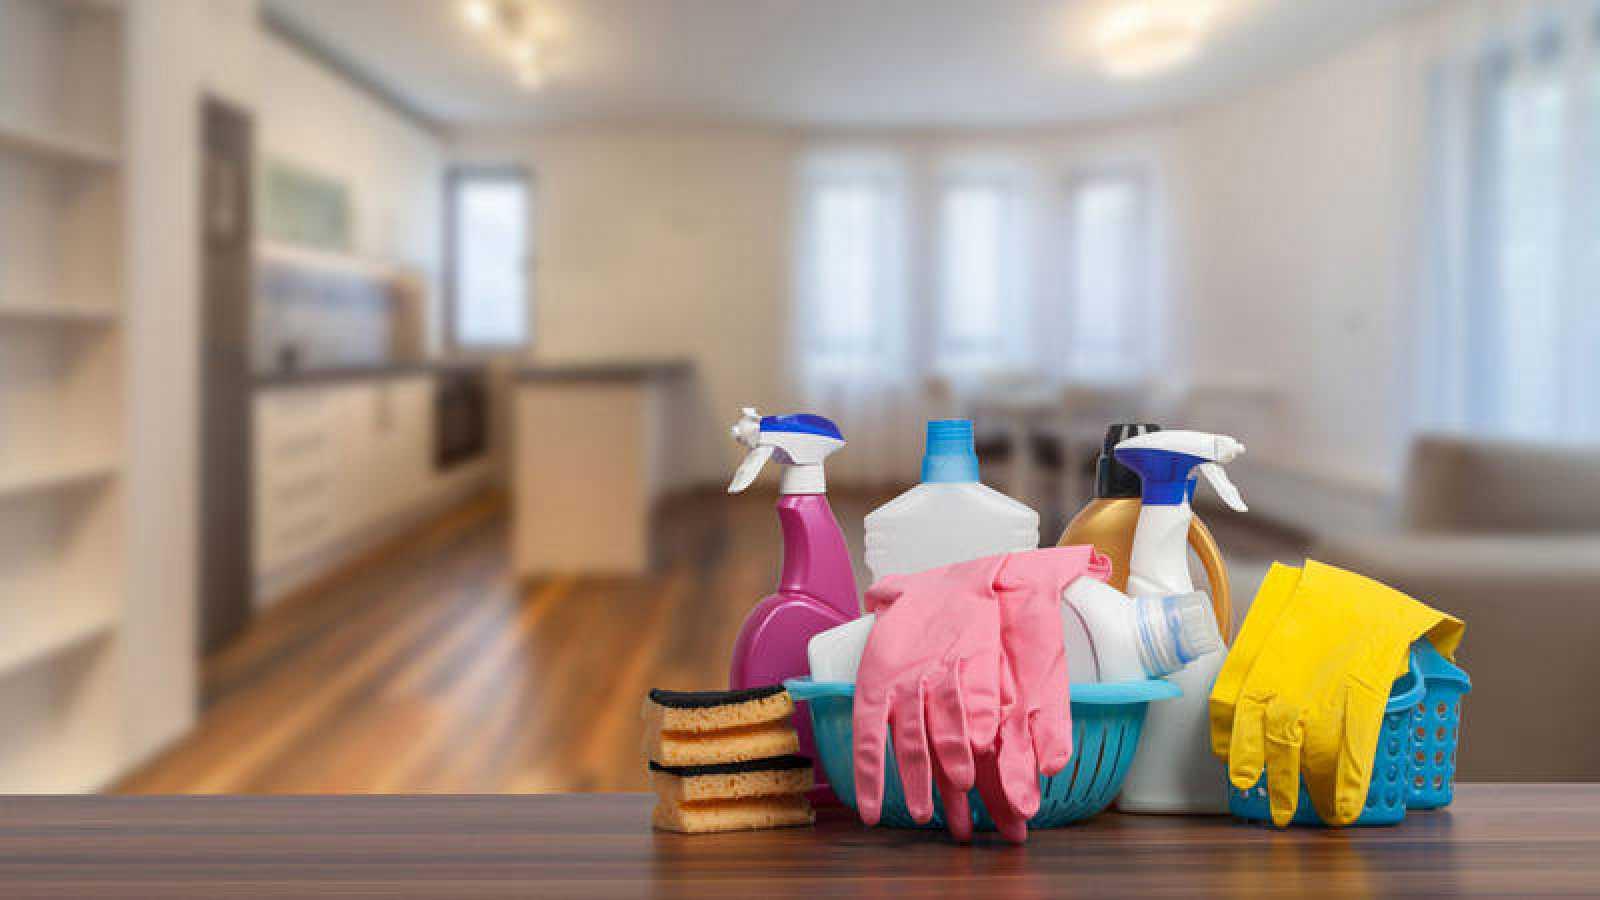 Las sustancias químicas capaces de alterar el sistema hormonalestán presentes en muchos objetos de uso diario.